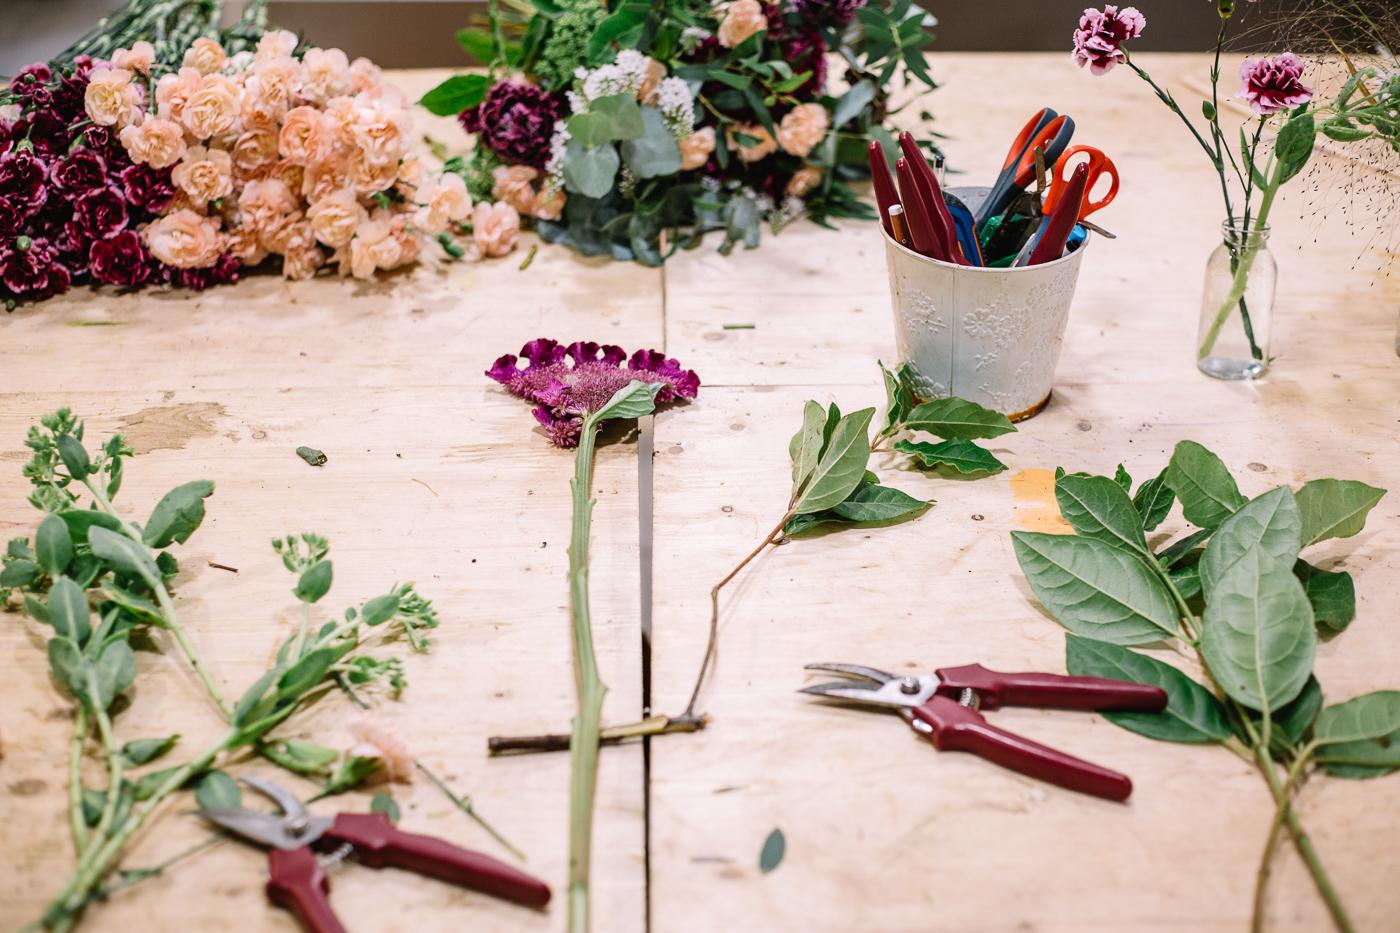 Une table de l'atelier de fleuriste de Pampa, avec des fleurs, des sécateurs et un pot à crayon